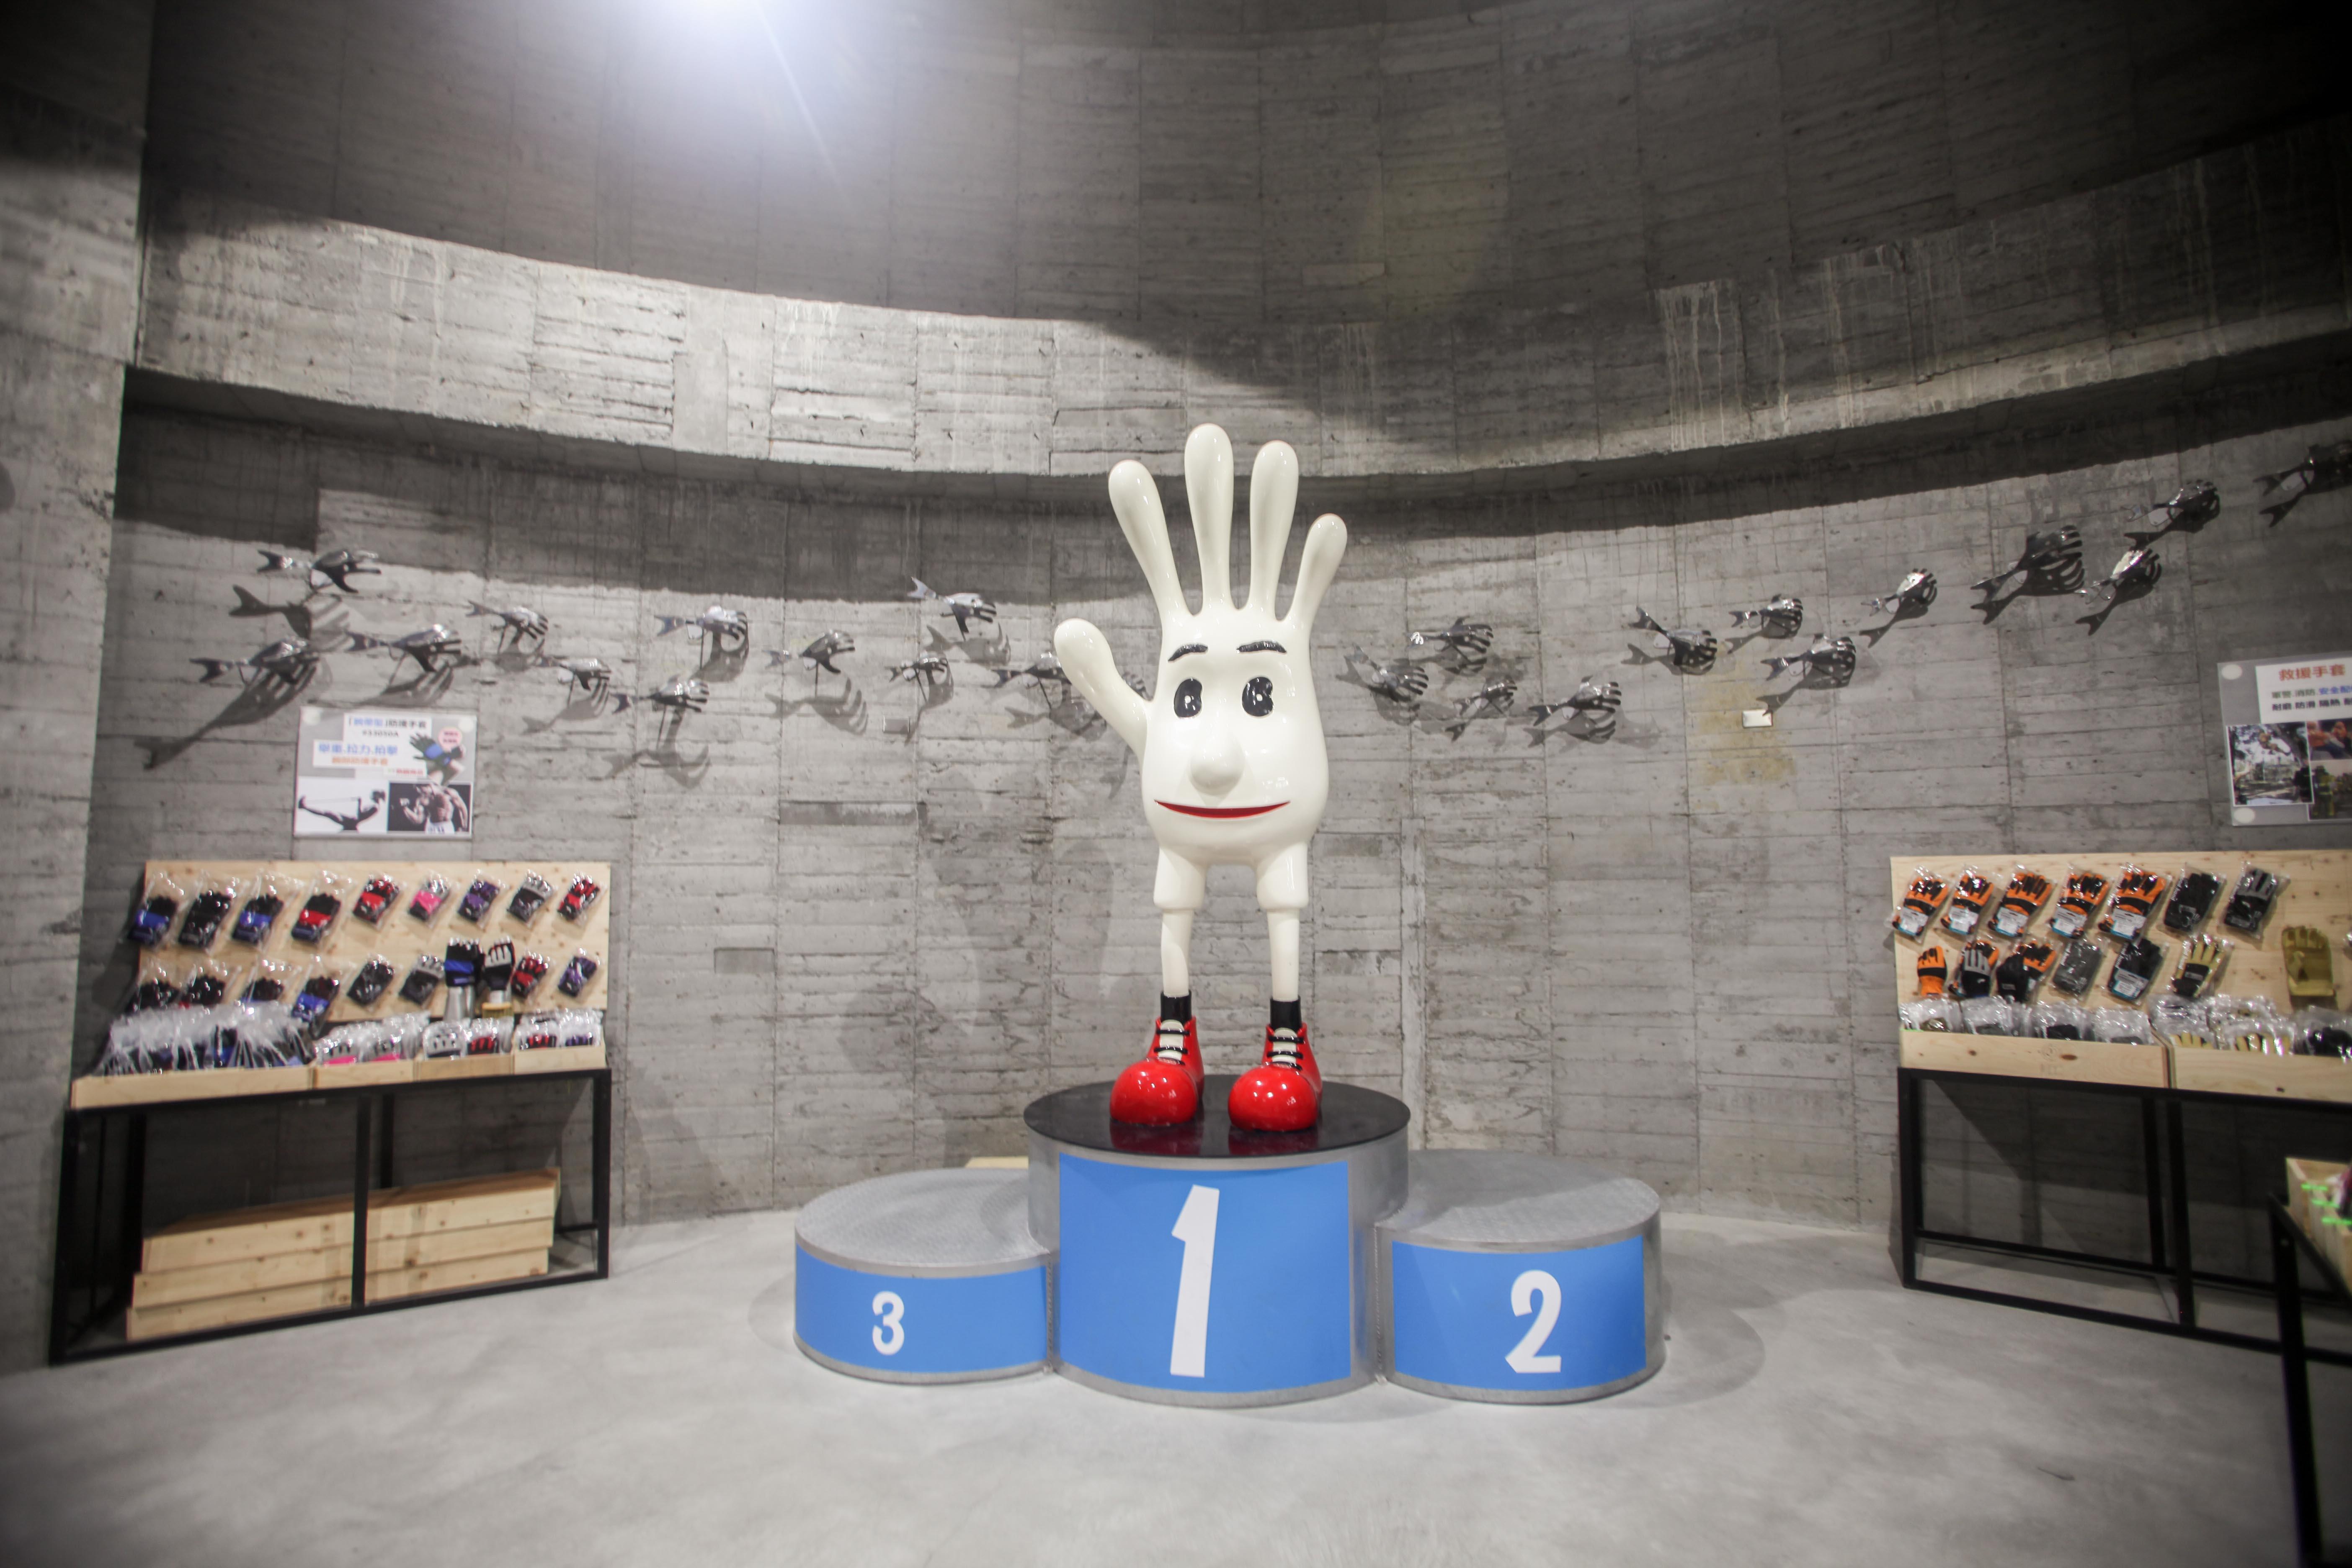 台湾手袋博物館館内のチェックインポイント